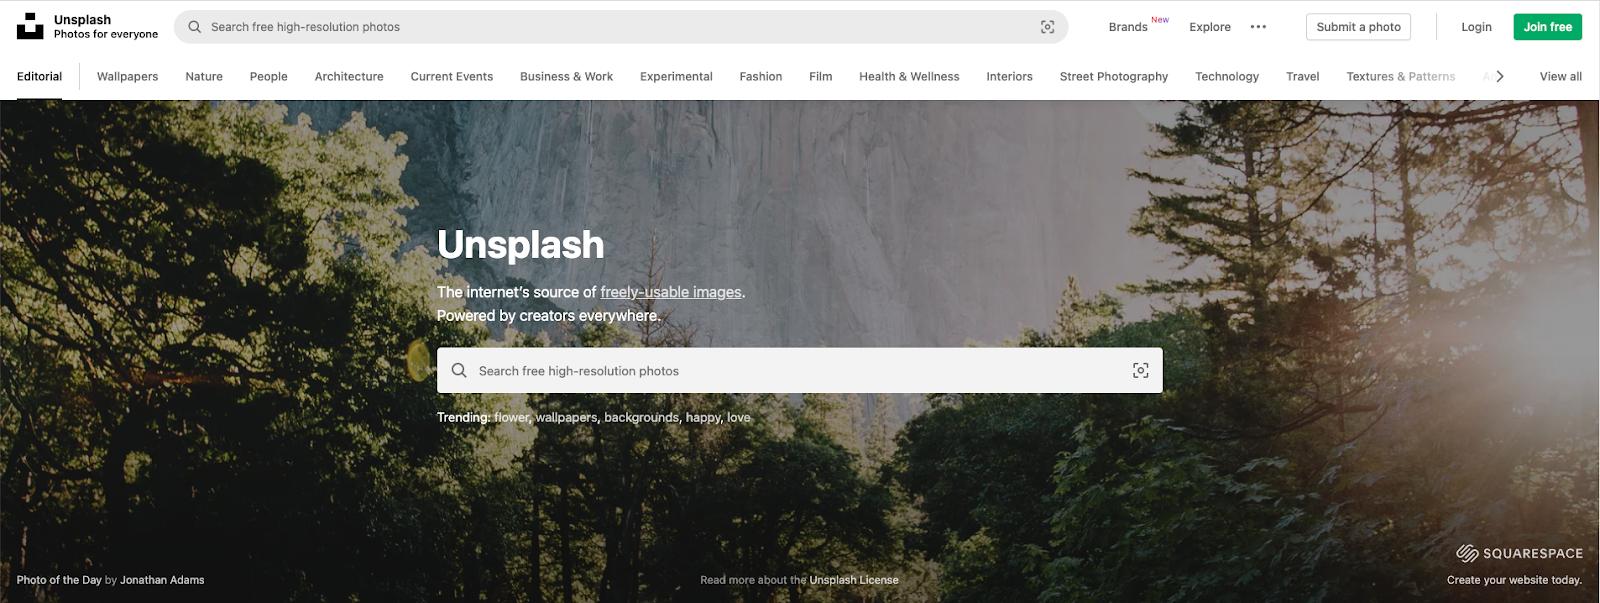 Unsplash homepage screengrab